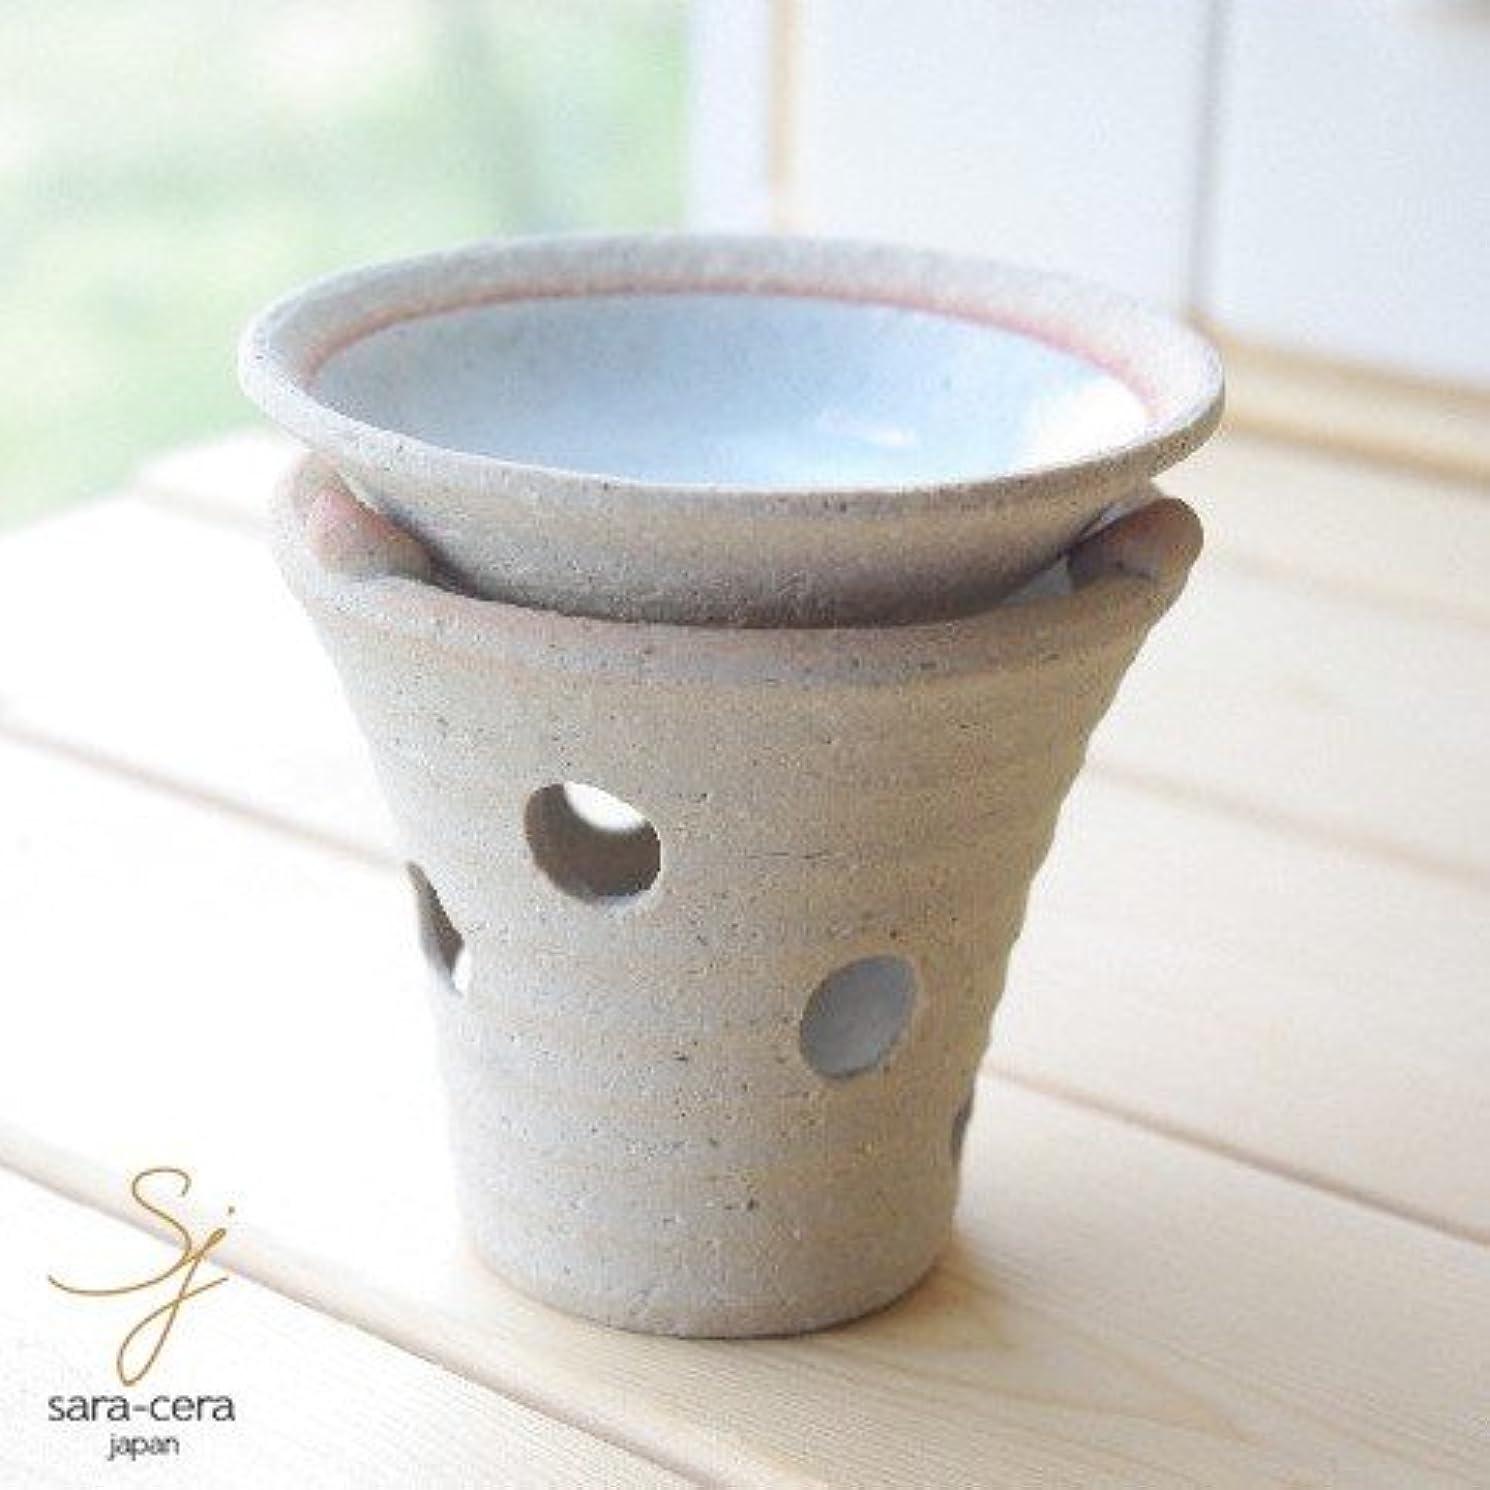 火山学者滅多数字松助窯 手作り茶香炉セット 白釉 ホワイト アロマ 和食器 リビング